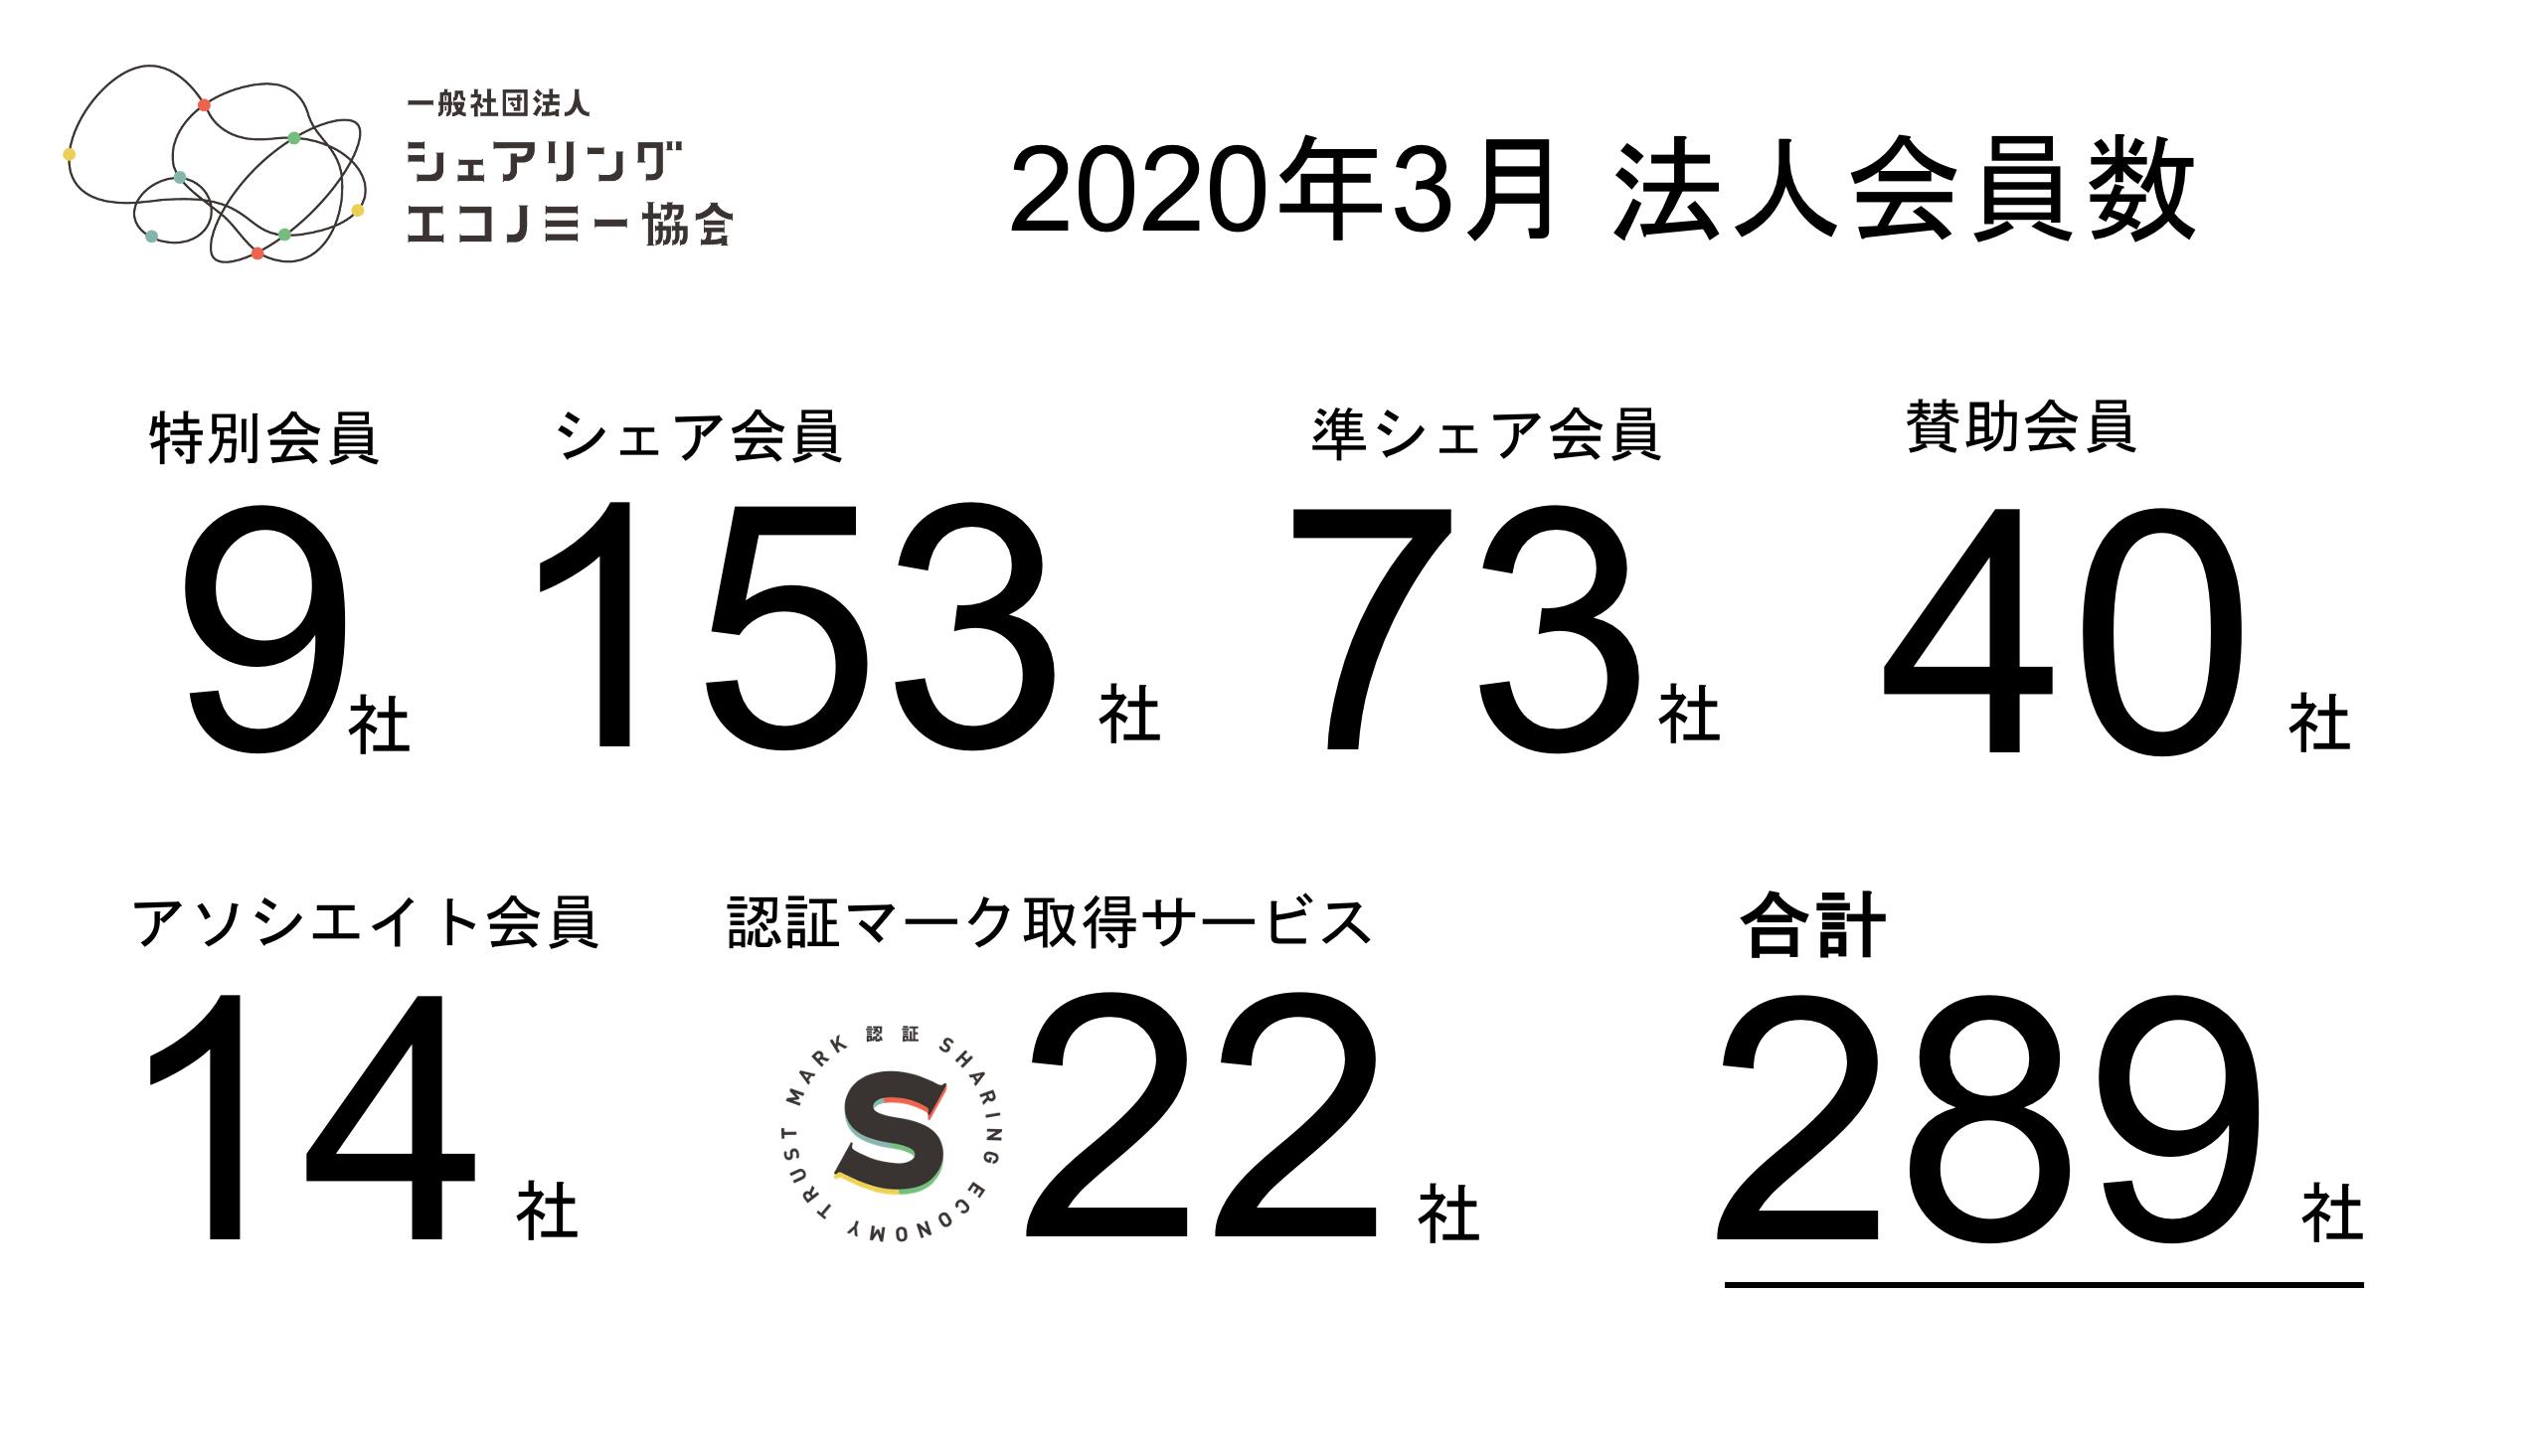 【2020年3月新規会員】シェアサービス運営会社含む新規3社が加入